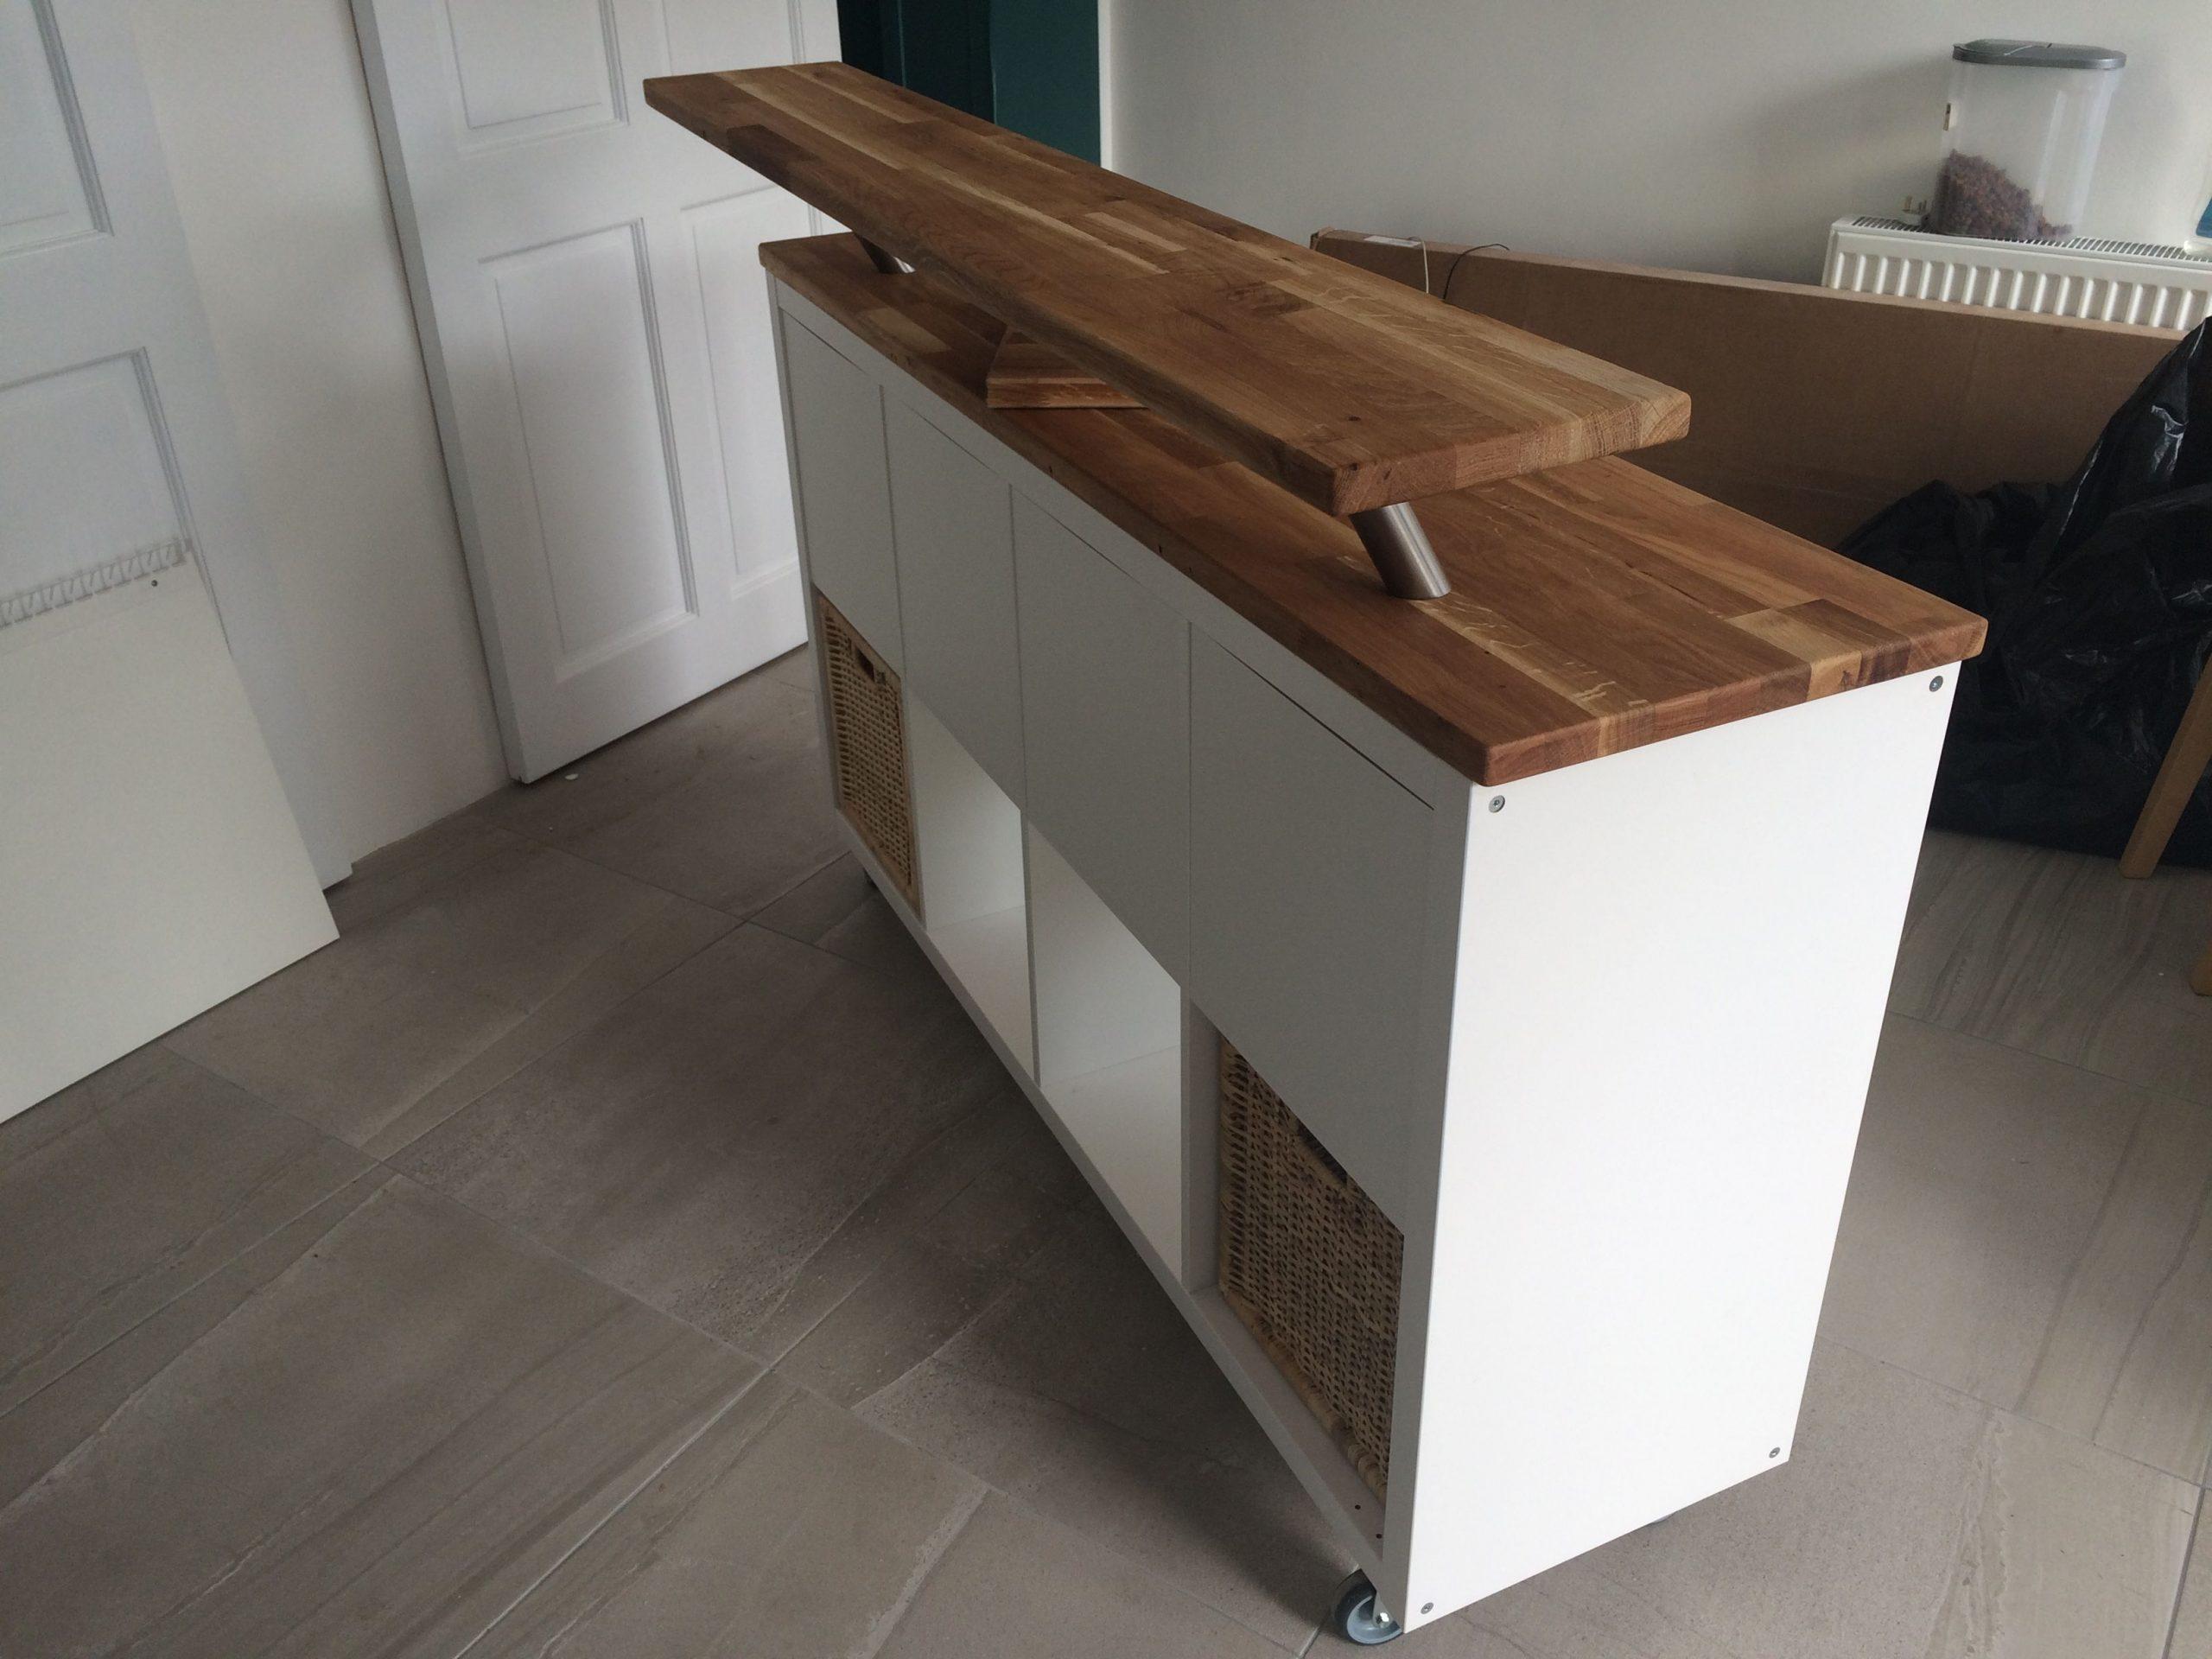 Full Size of Bartisch Ikea Bar Kuche Miniküche Küche Kosten Betten Bei 160x200 Modulküche Kaufen Sofa Mit Schlaffunktion Wohnzimmer Bartisch Ikea